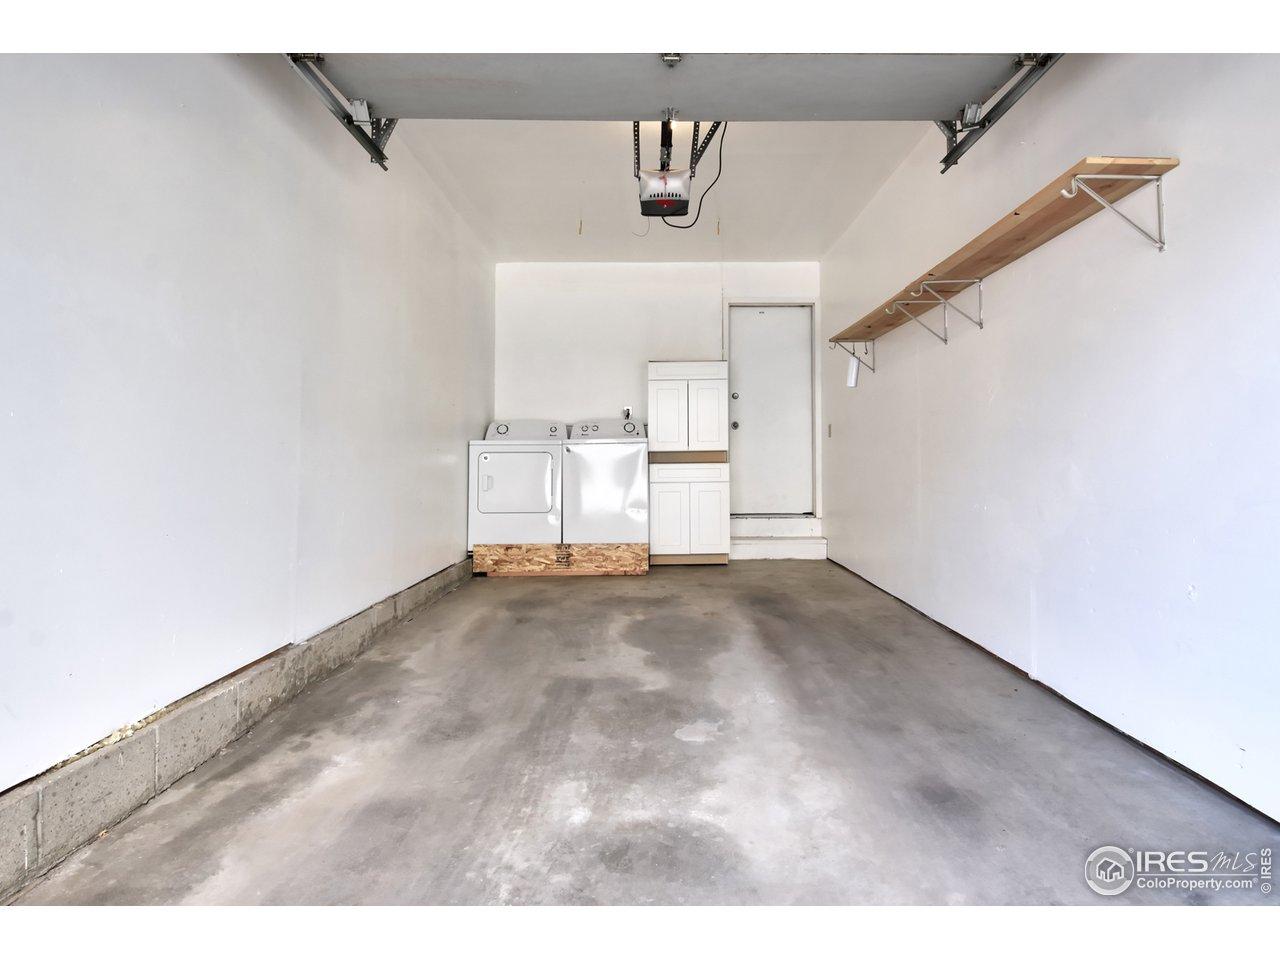 Garage, washer/dryer and storage cabinet